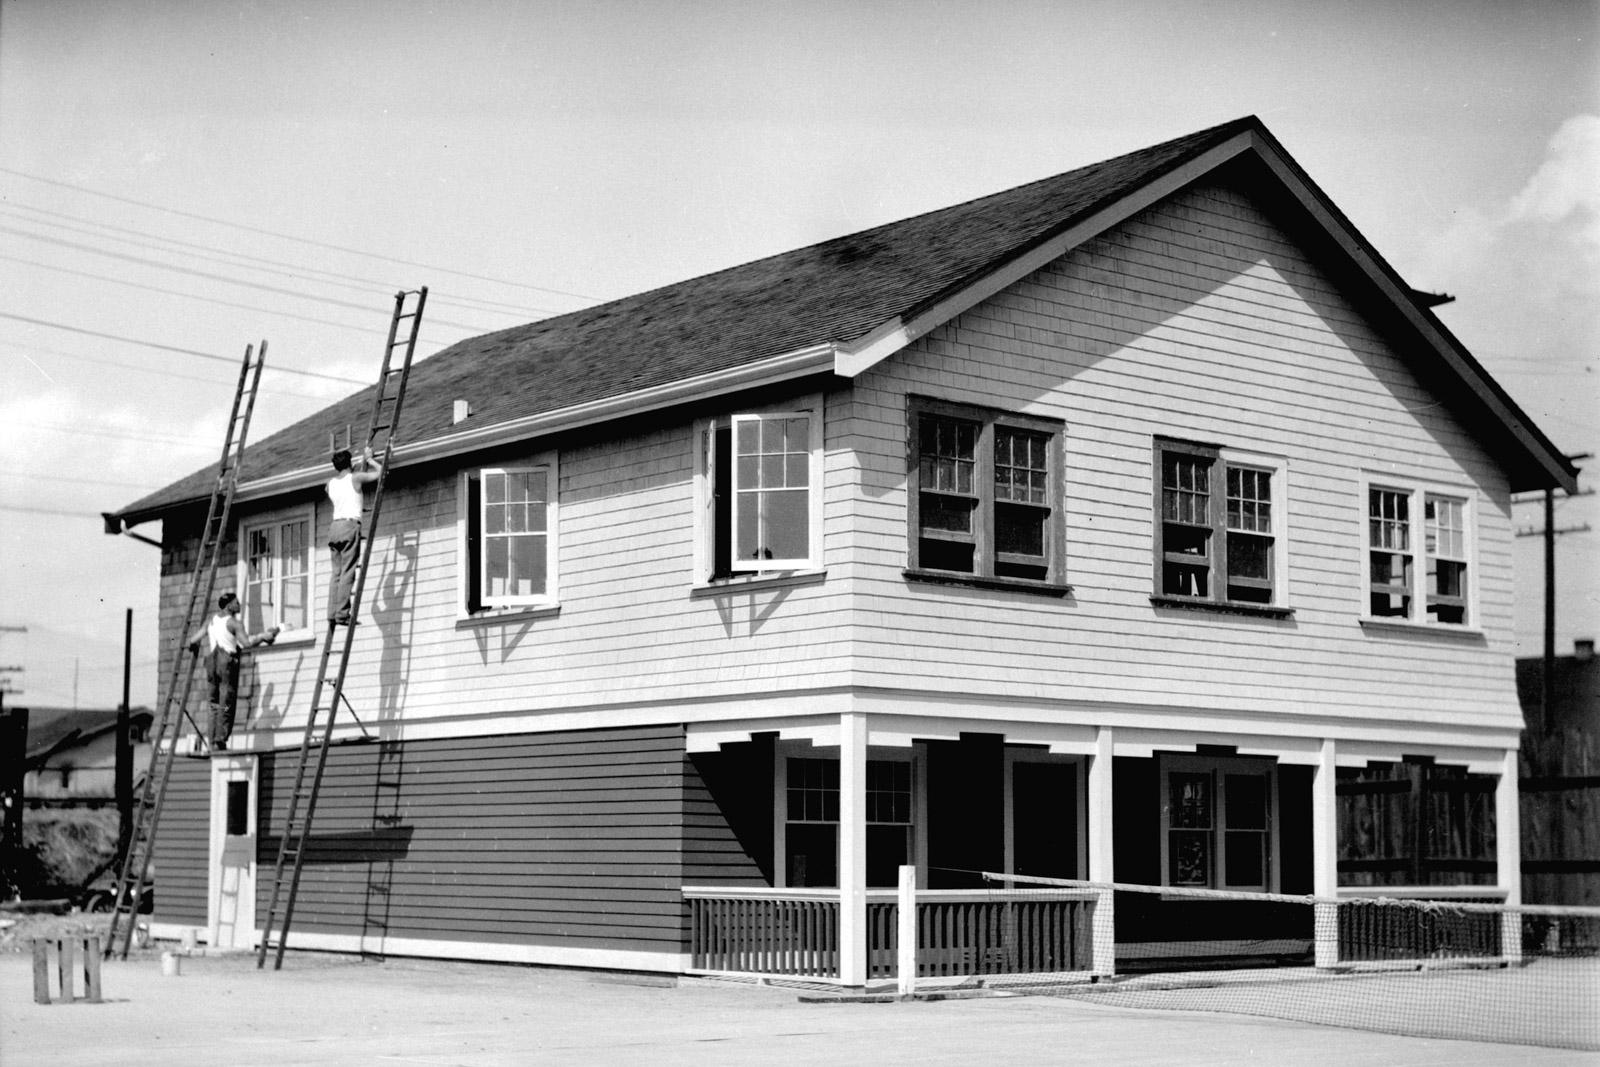 Meraloma Club House in Kitsilano